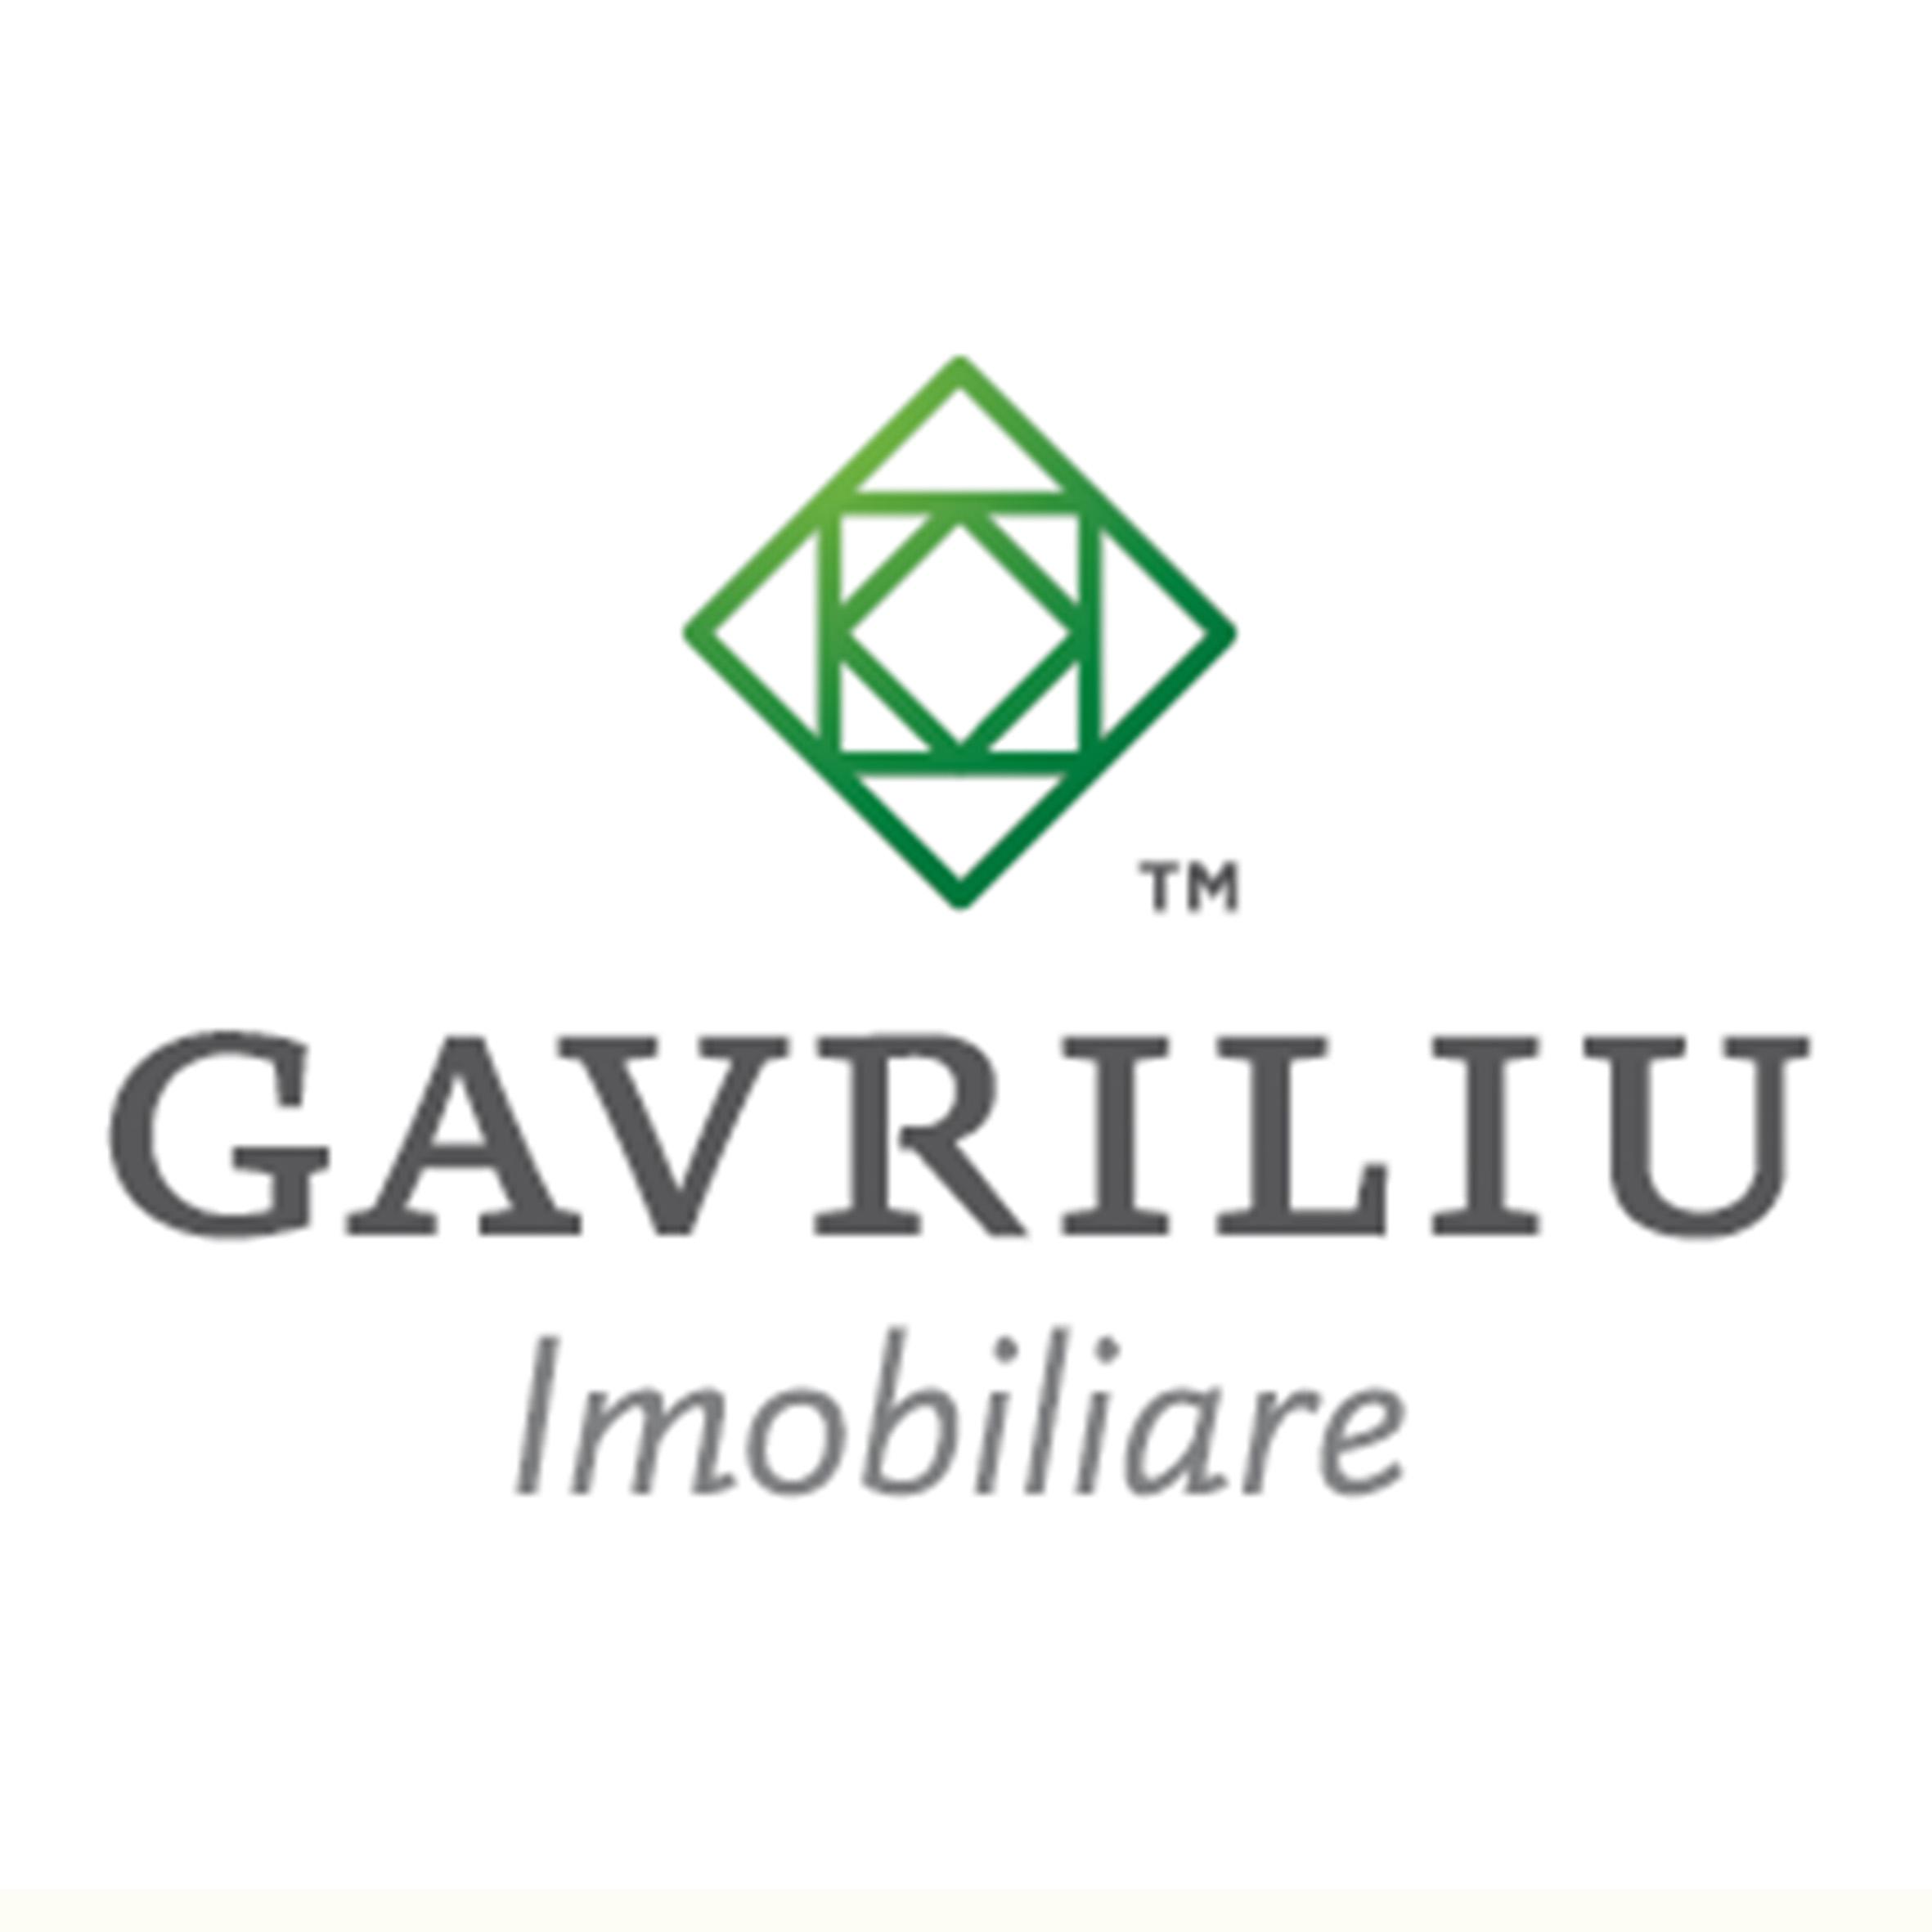 Gavriliu Imobiliare